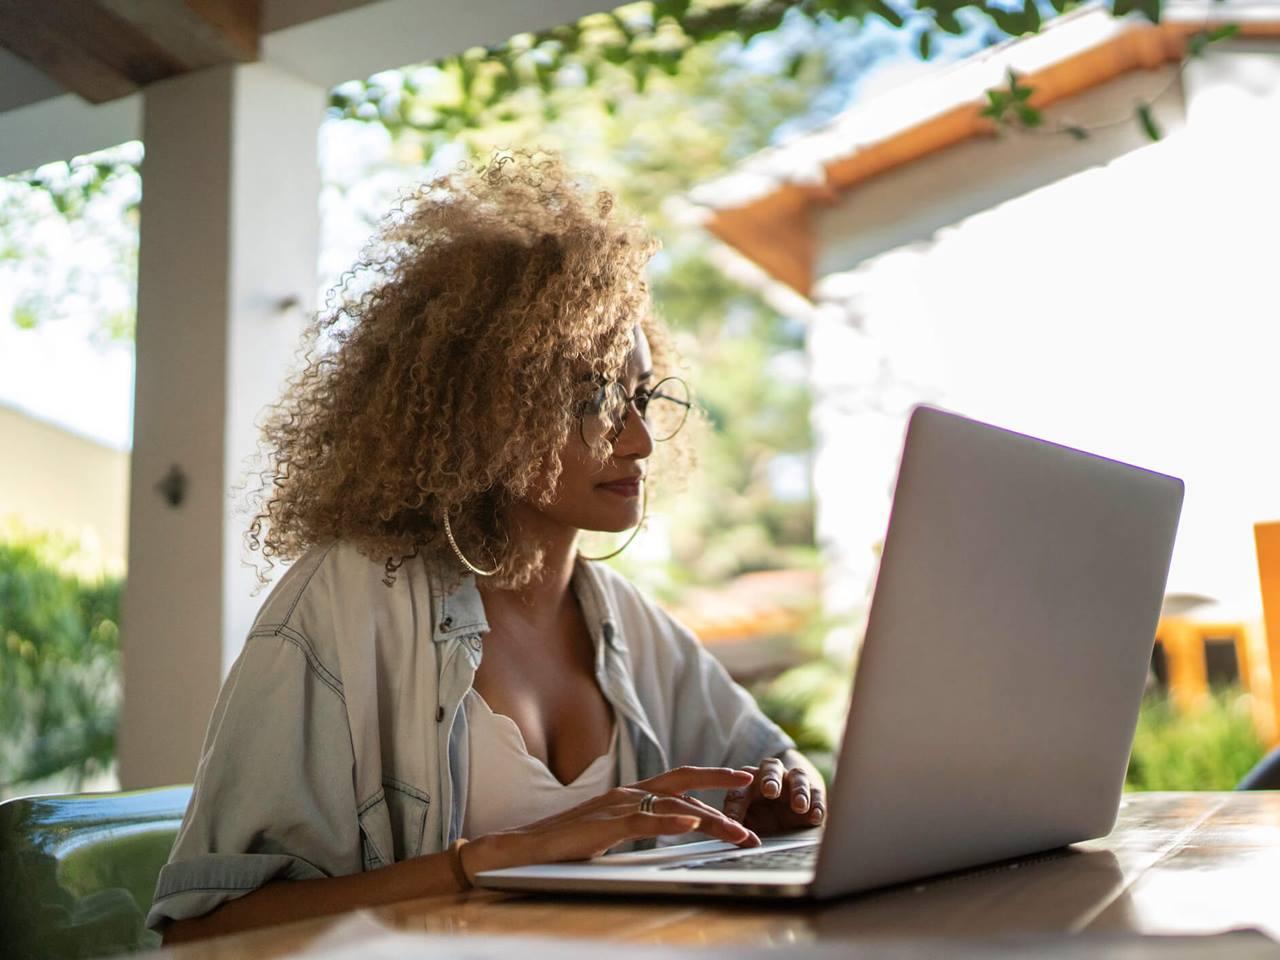 Mulher mexendo no notebook representando programa da MRV, que oferece 10 mil bolsas para cursos online de tecnologia